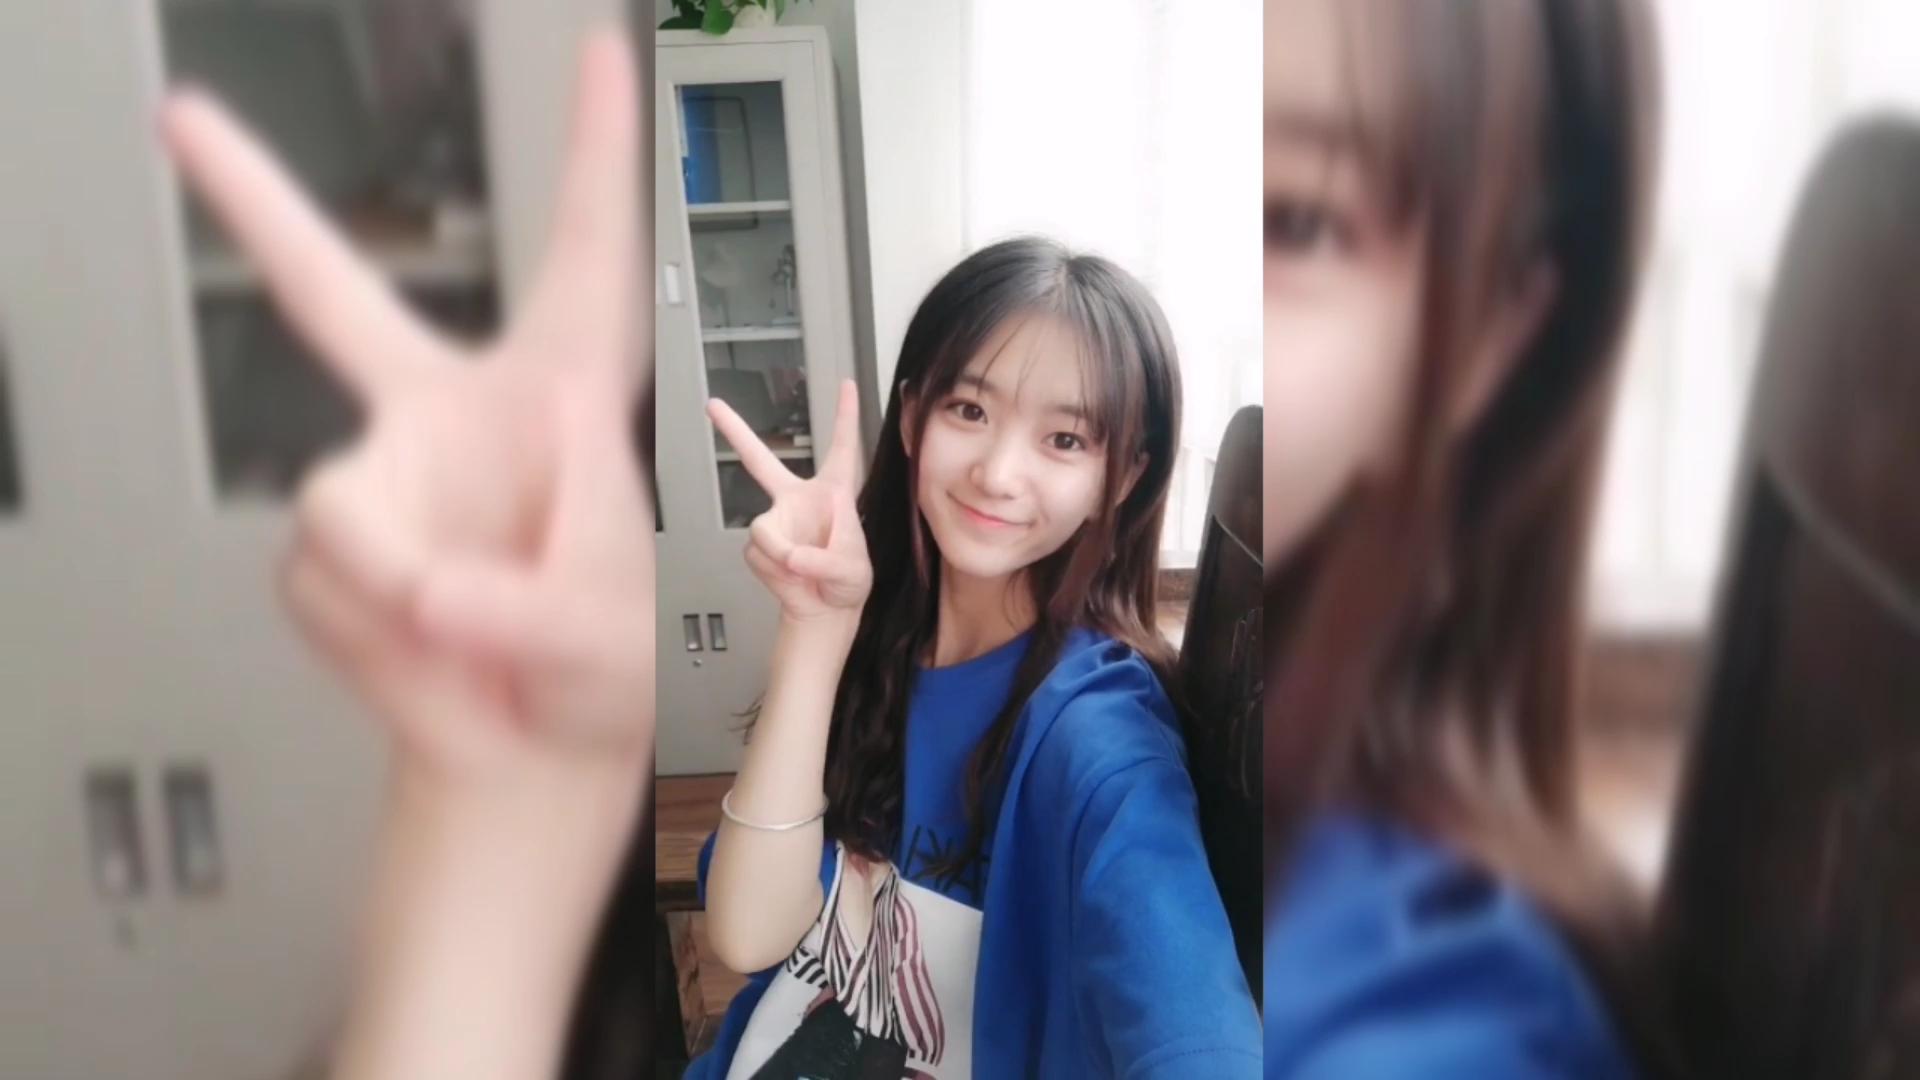 【短视频精选推荐】2019年第54期:你喜欢成熟的大姐姐么